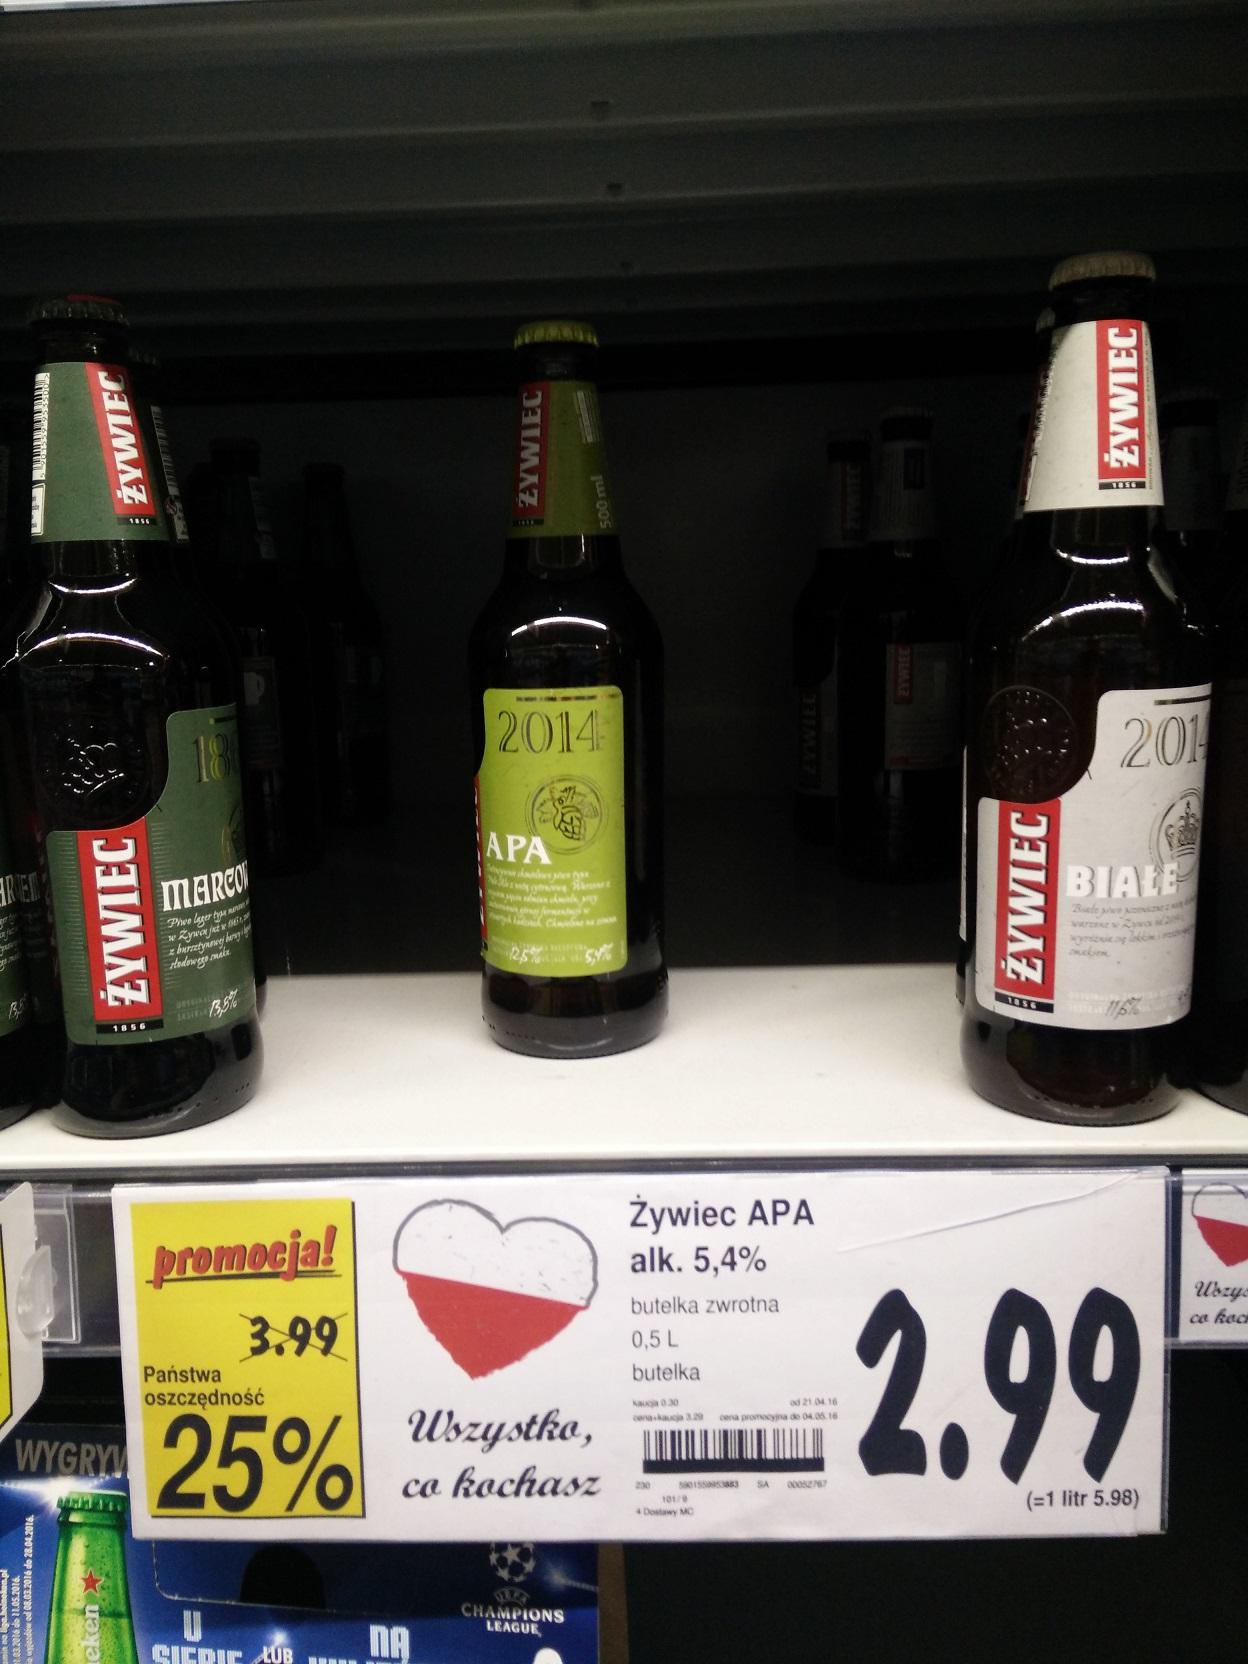 [PIWO] Żywiec APA w bardzo dobrej cenie w Kauflandzie w Nysie